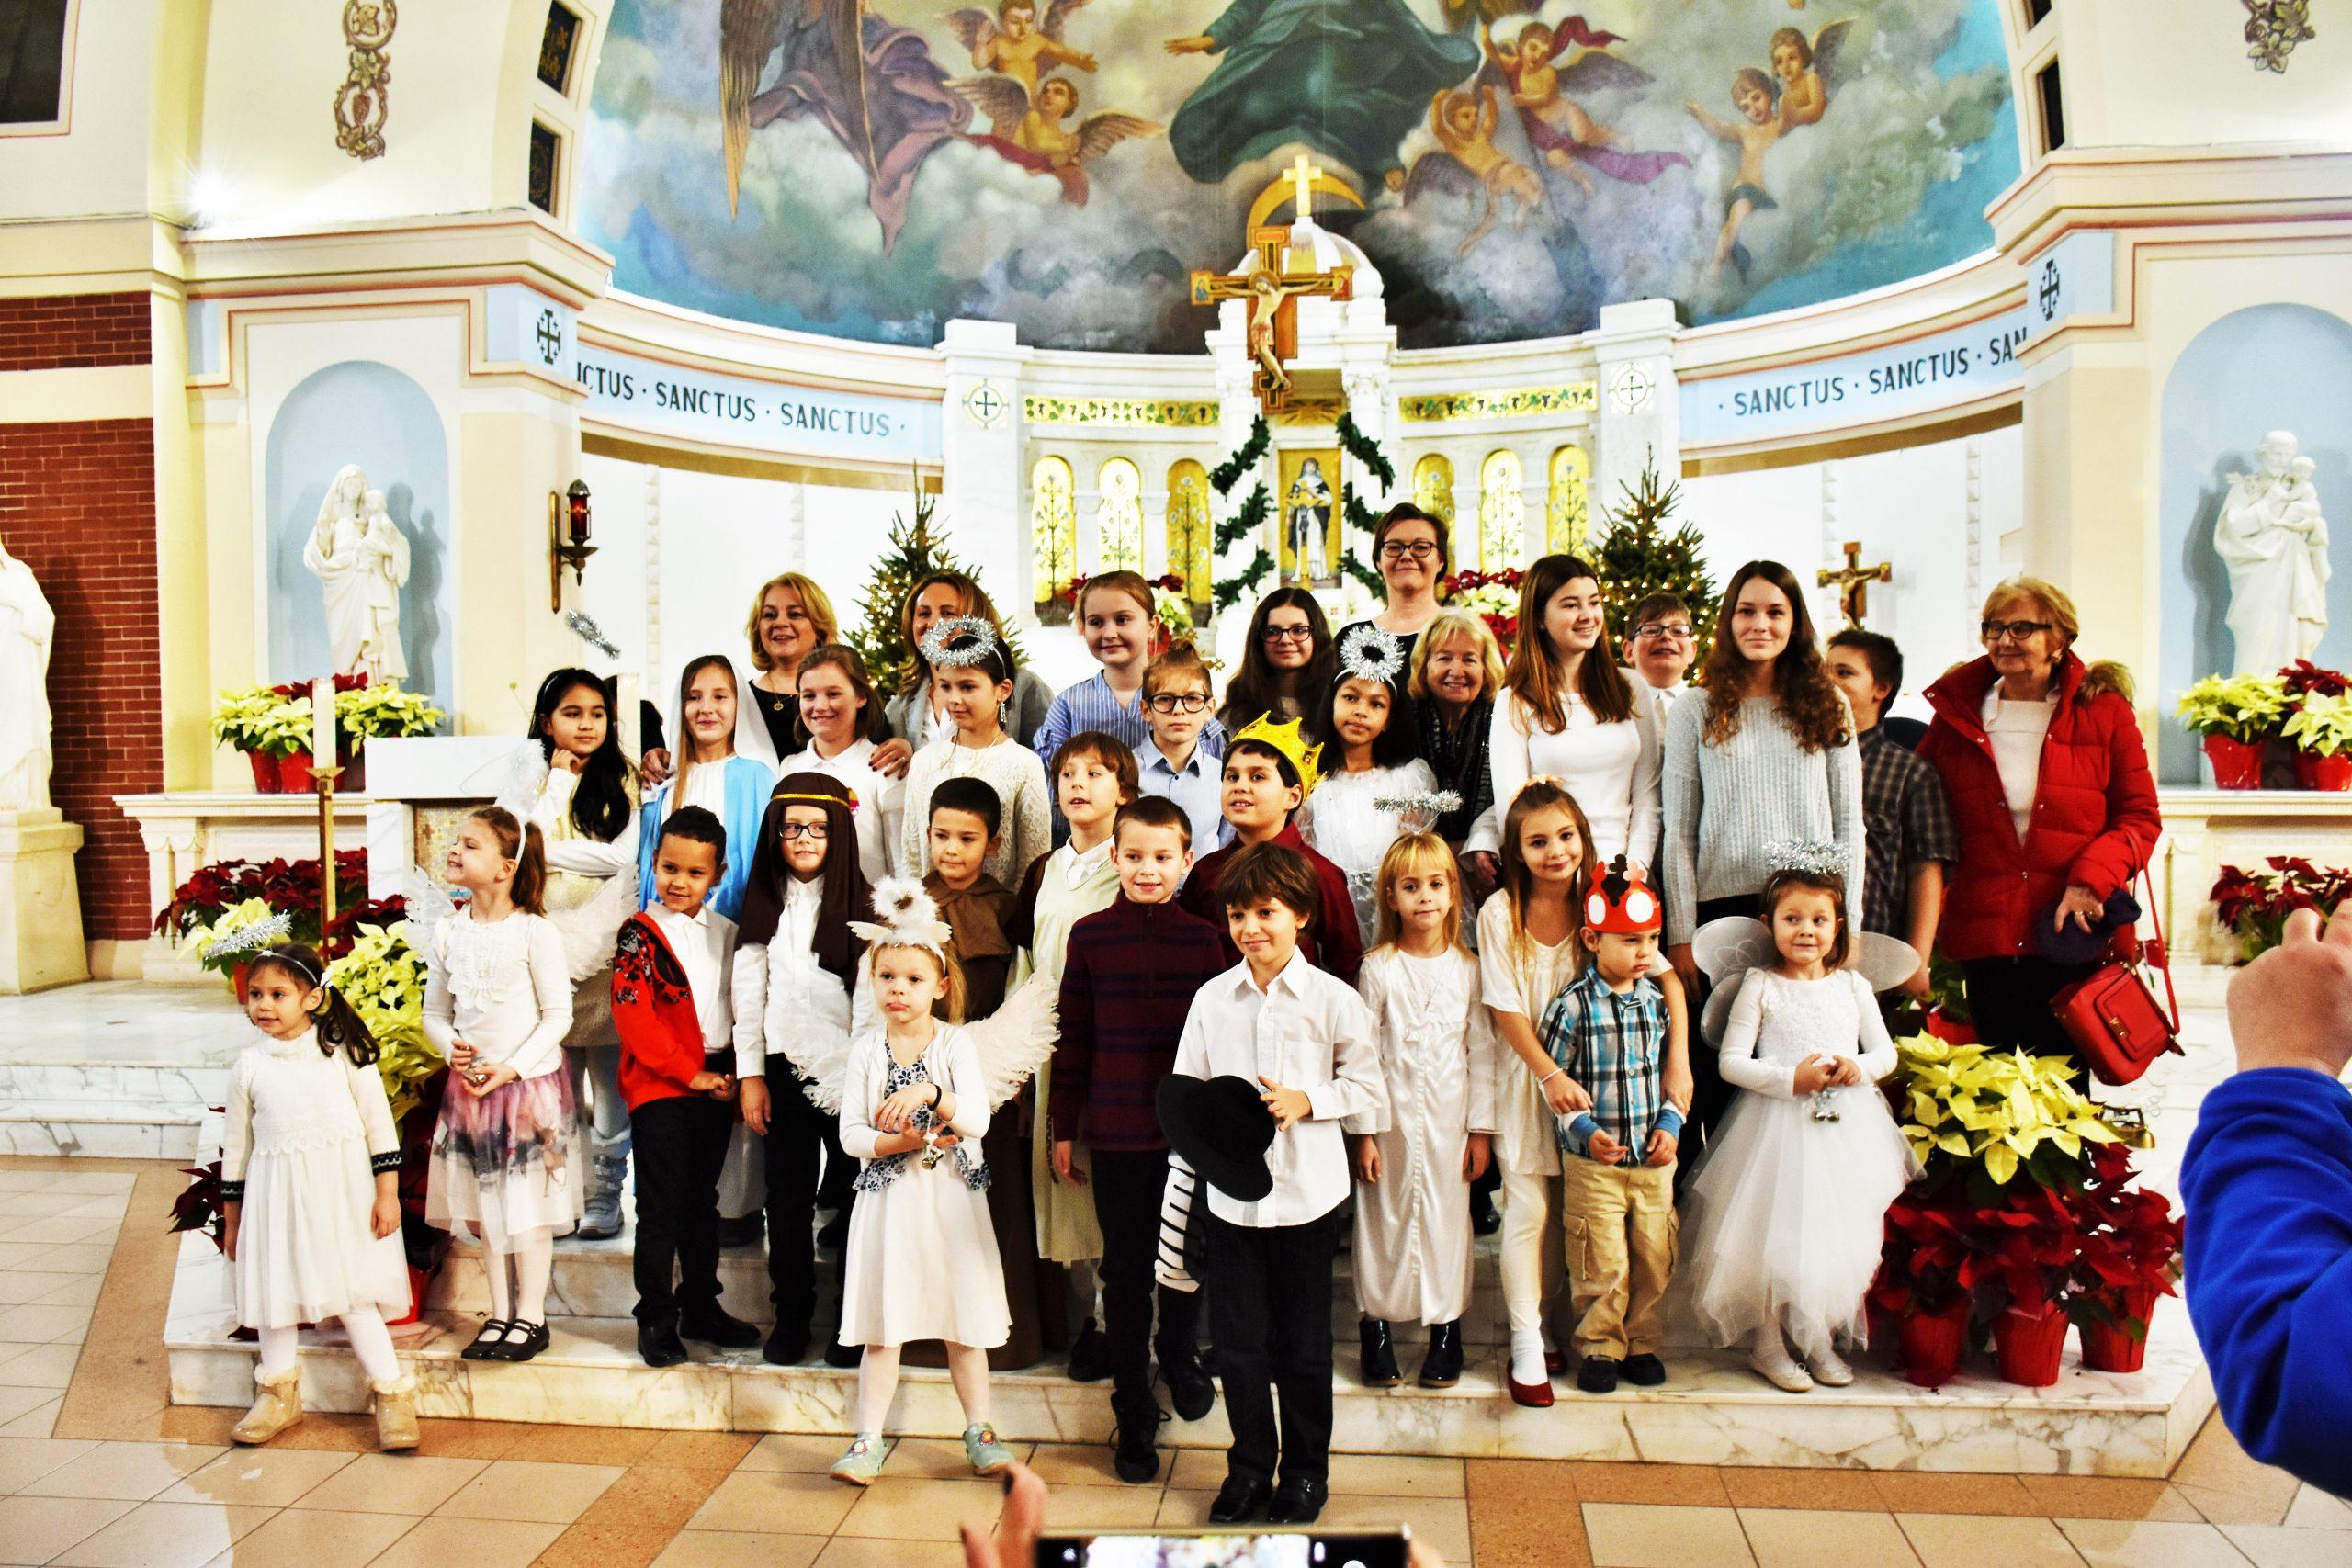 Uboga szopka – Narodziny Króla. Jesełka 2020 w  kościele Świętej Róży z Limy na Rockaway